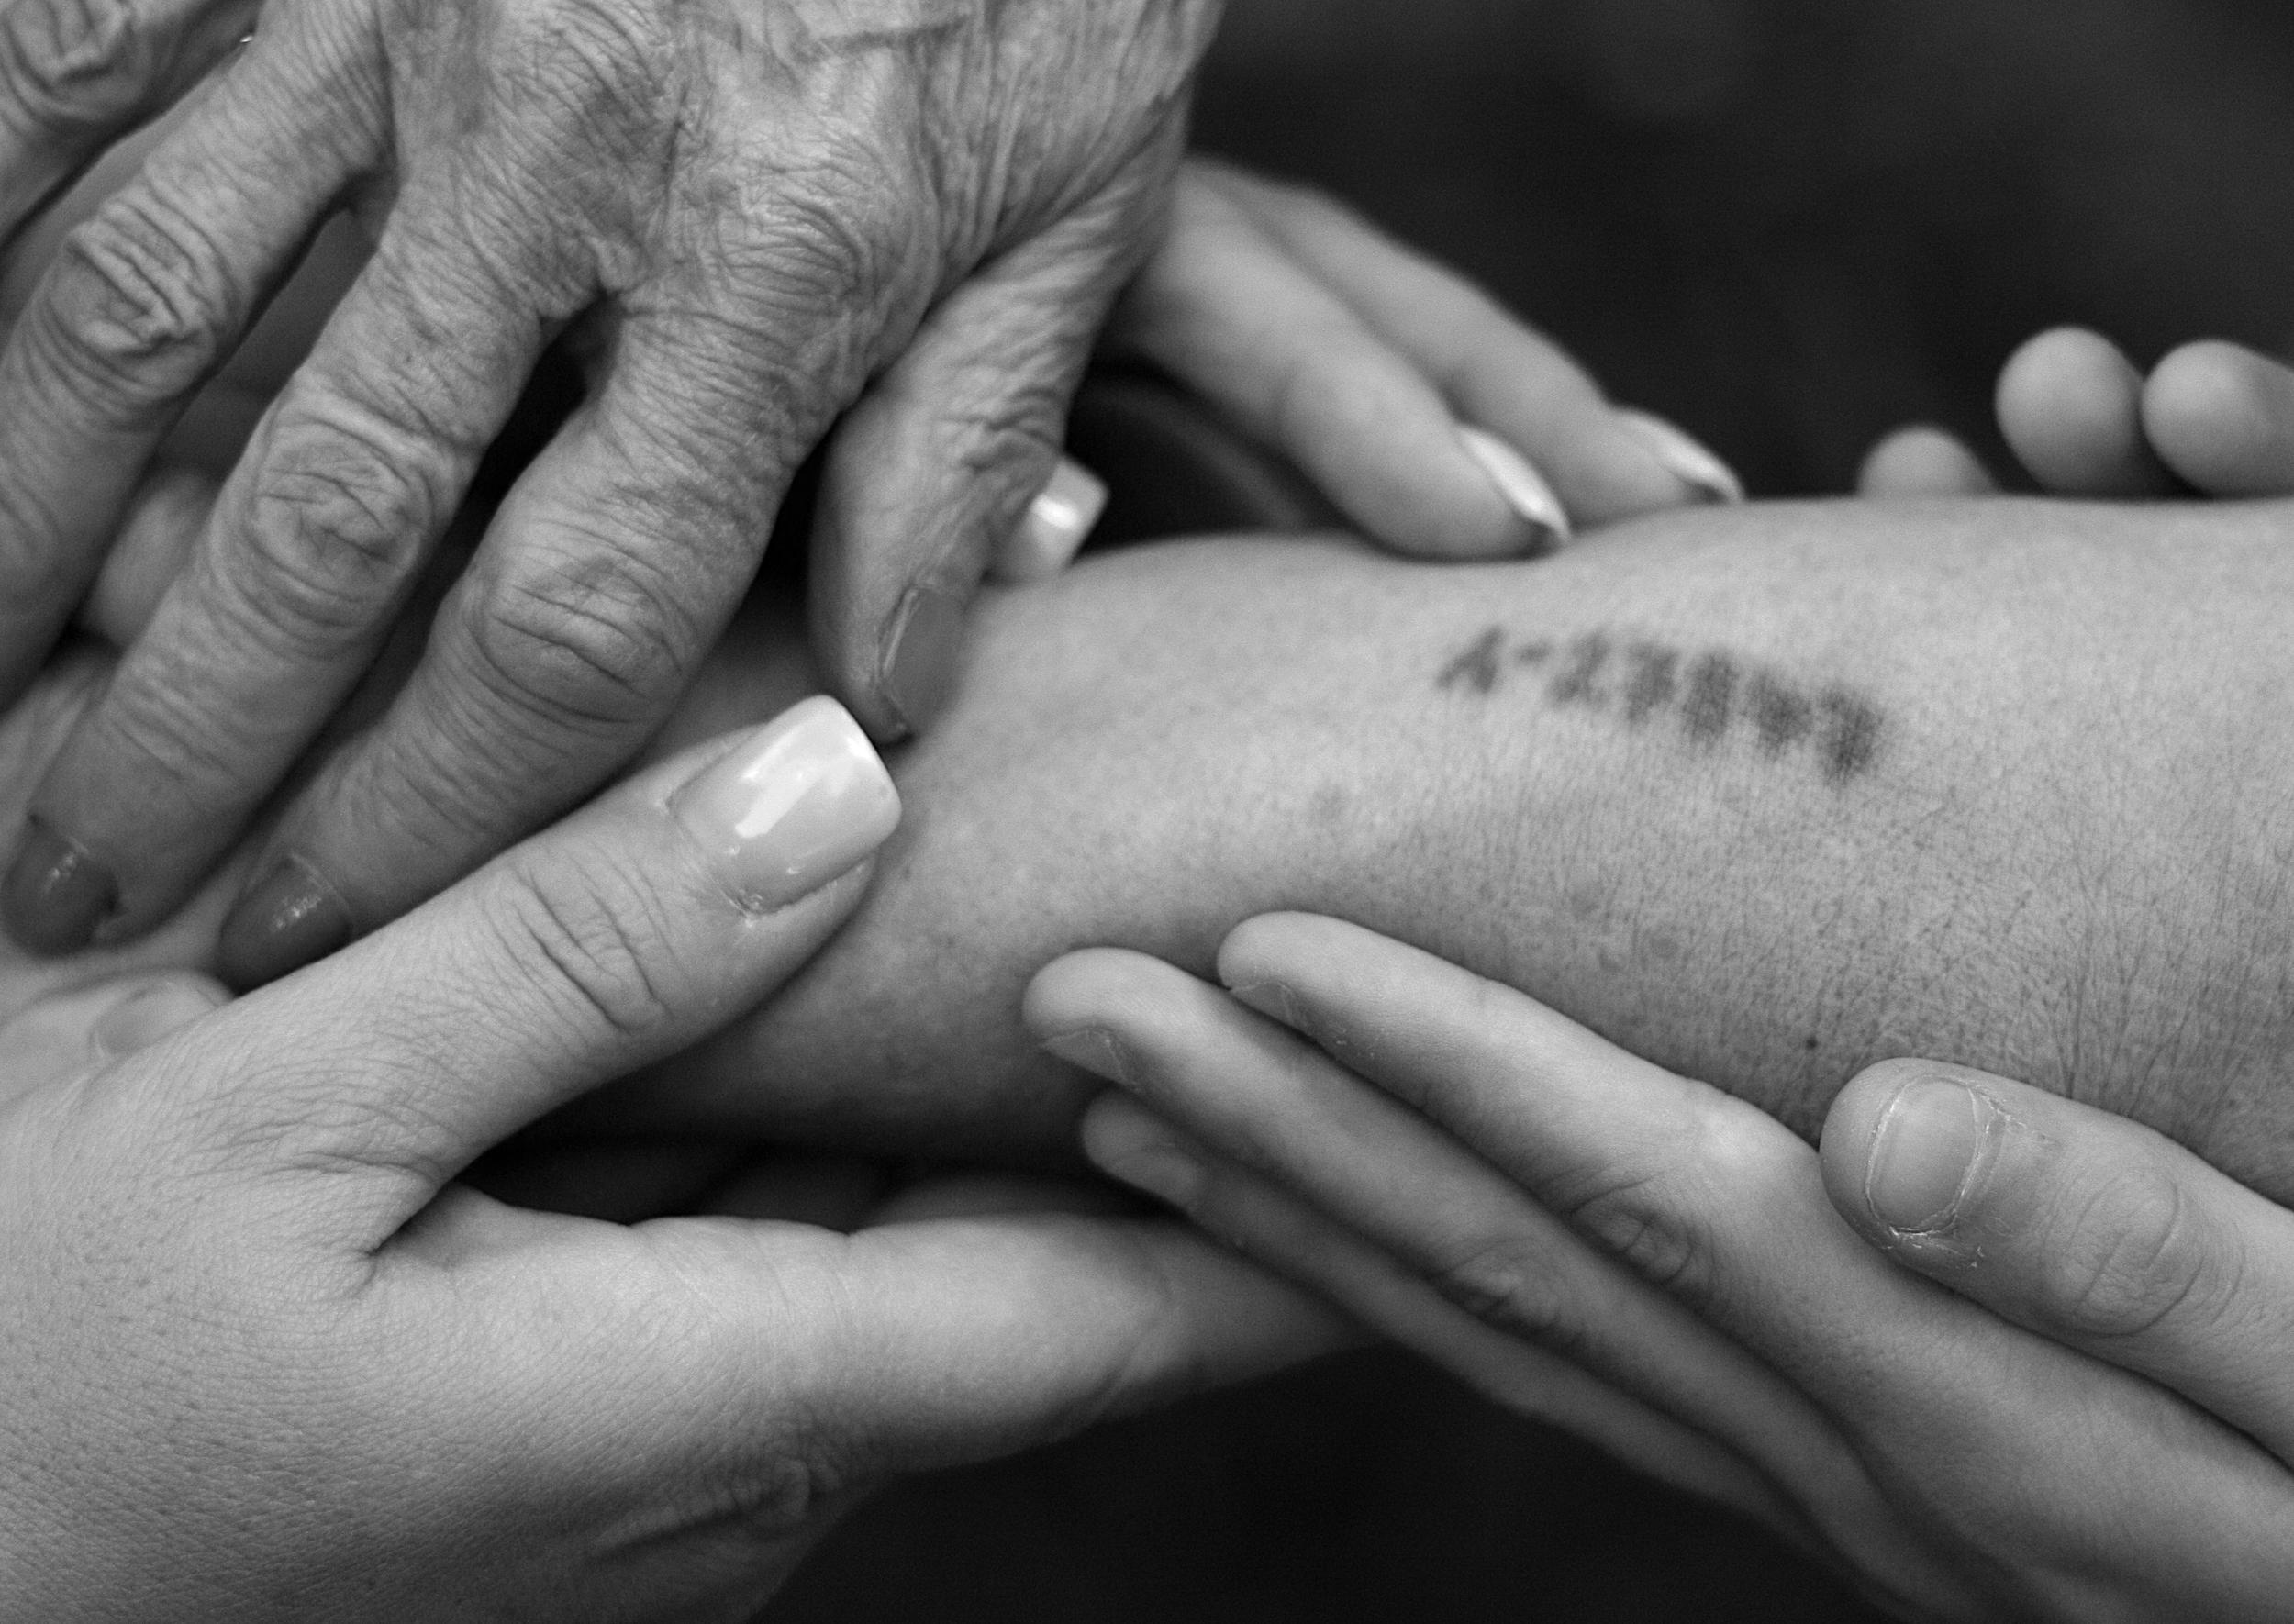 Three generations - Holocaust Survivor